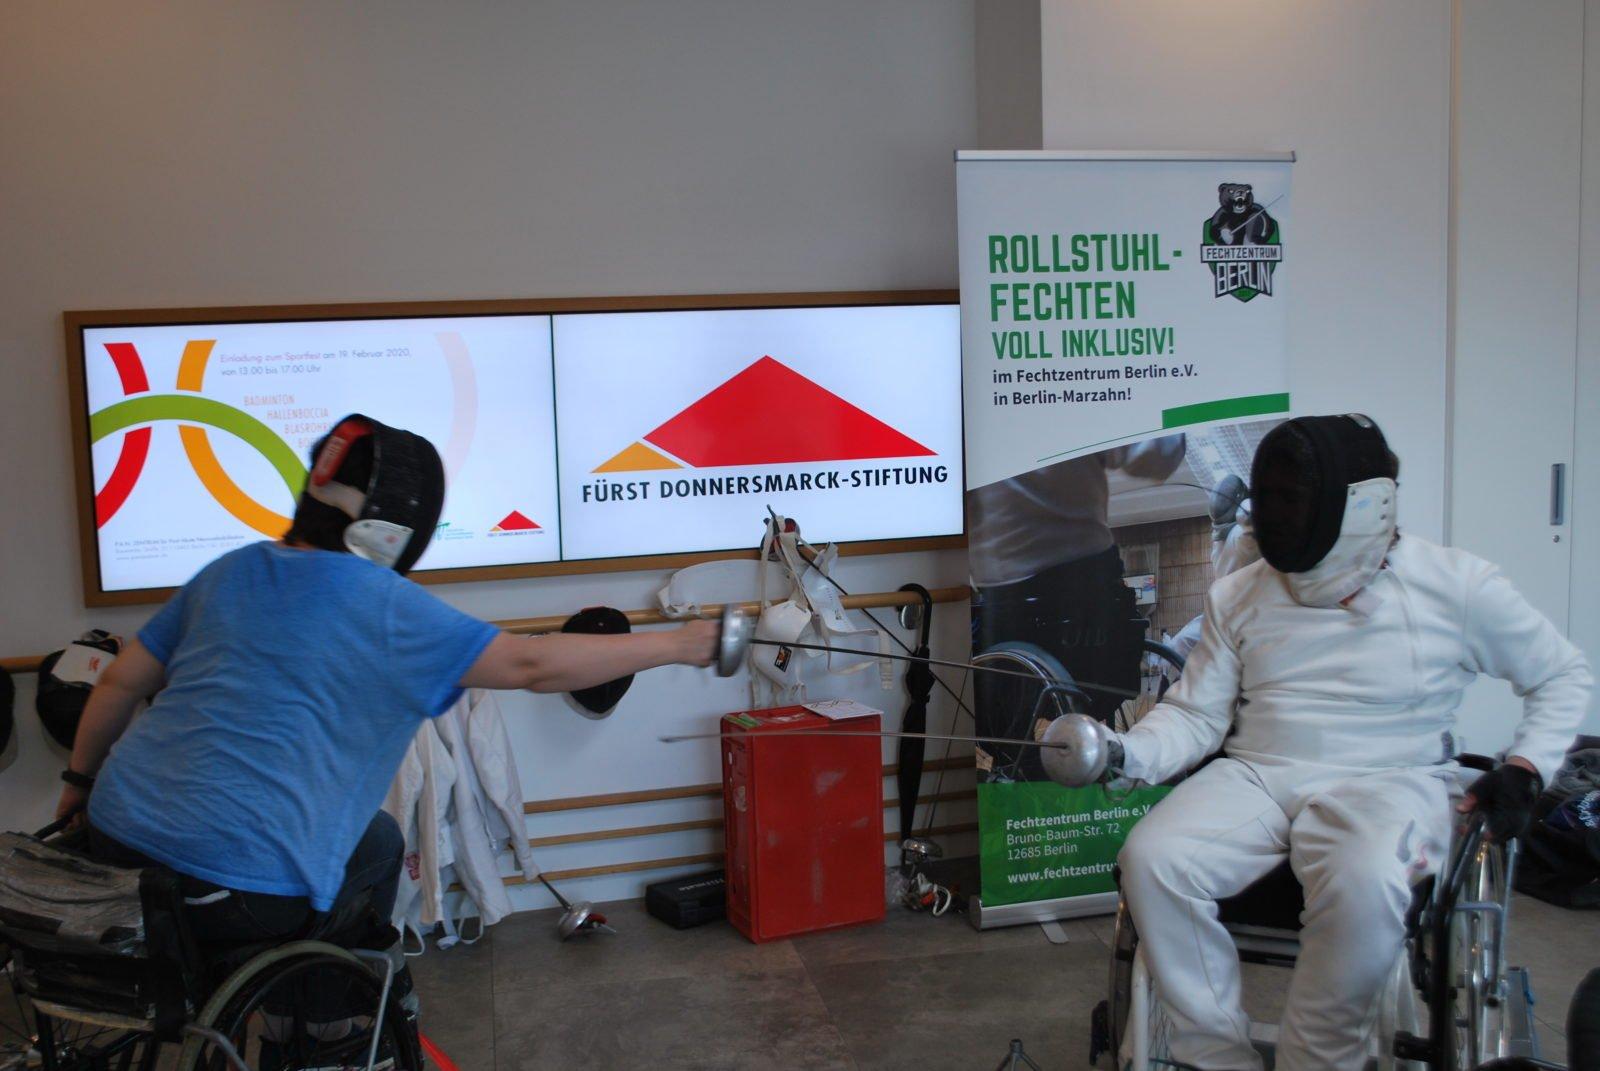 Fechten Inklusiv beim Sportfest im P.A.N. Zentrum: zwei Rehabilitanden testen den Sport.